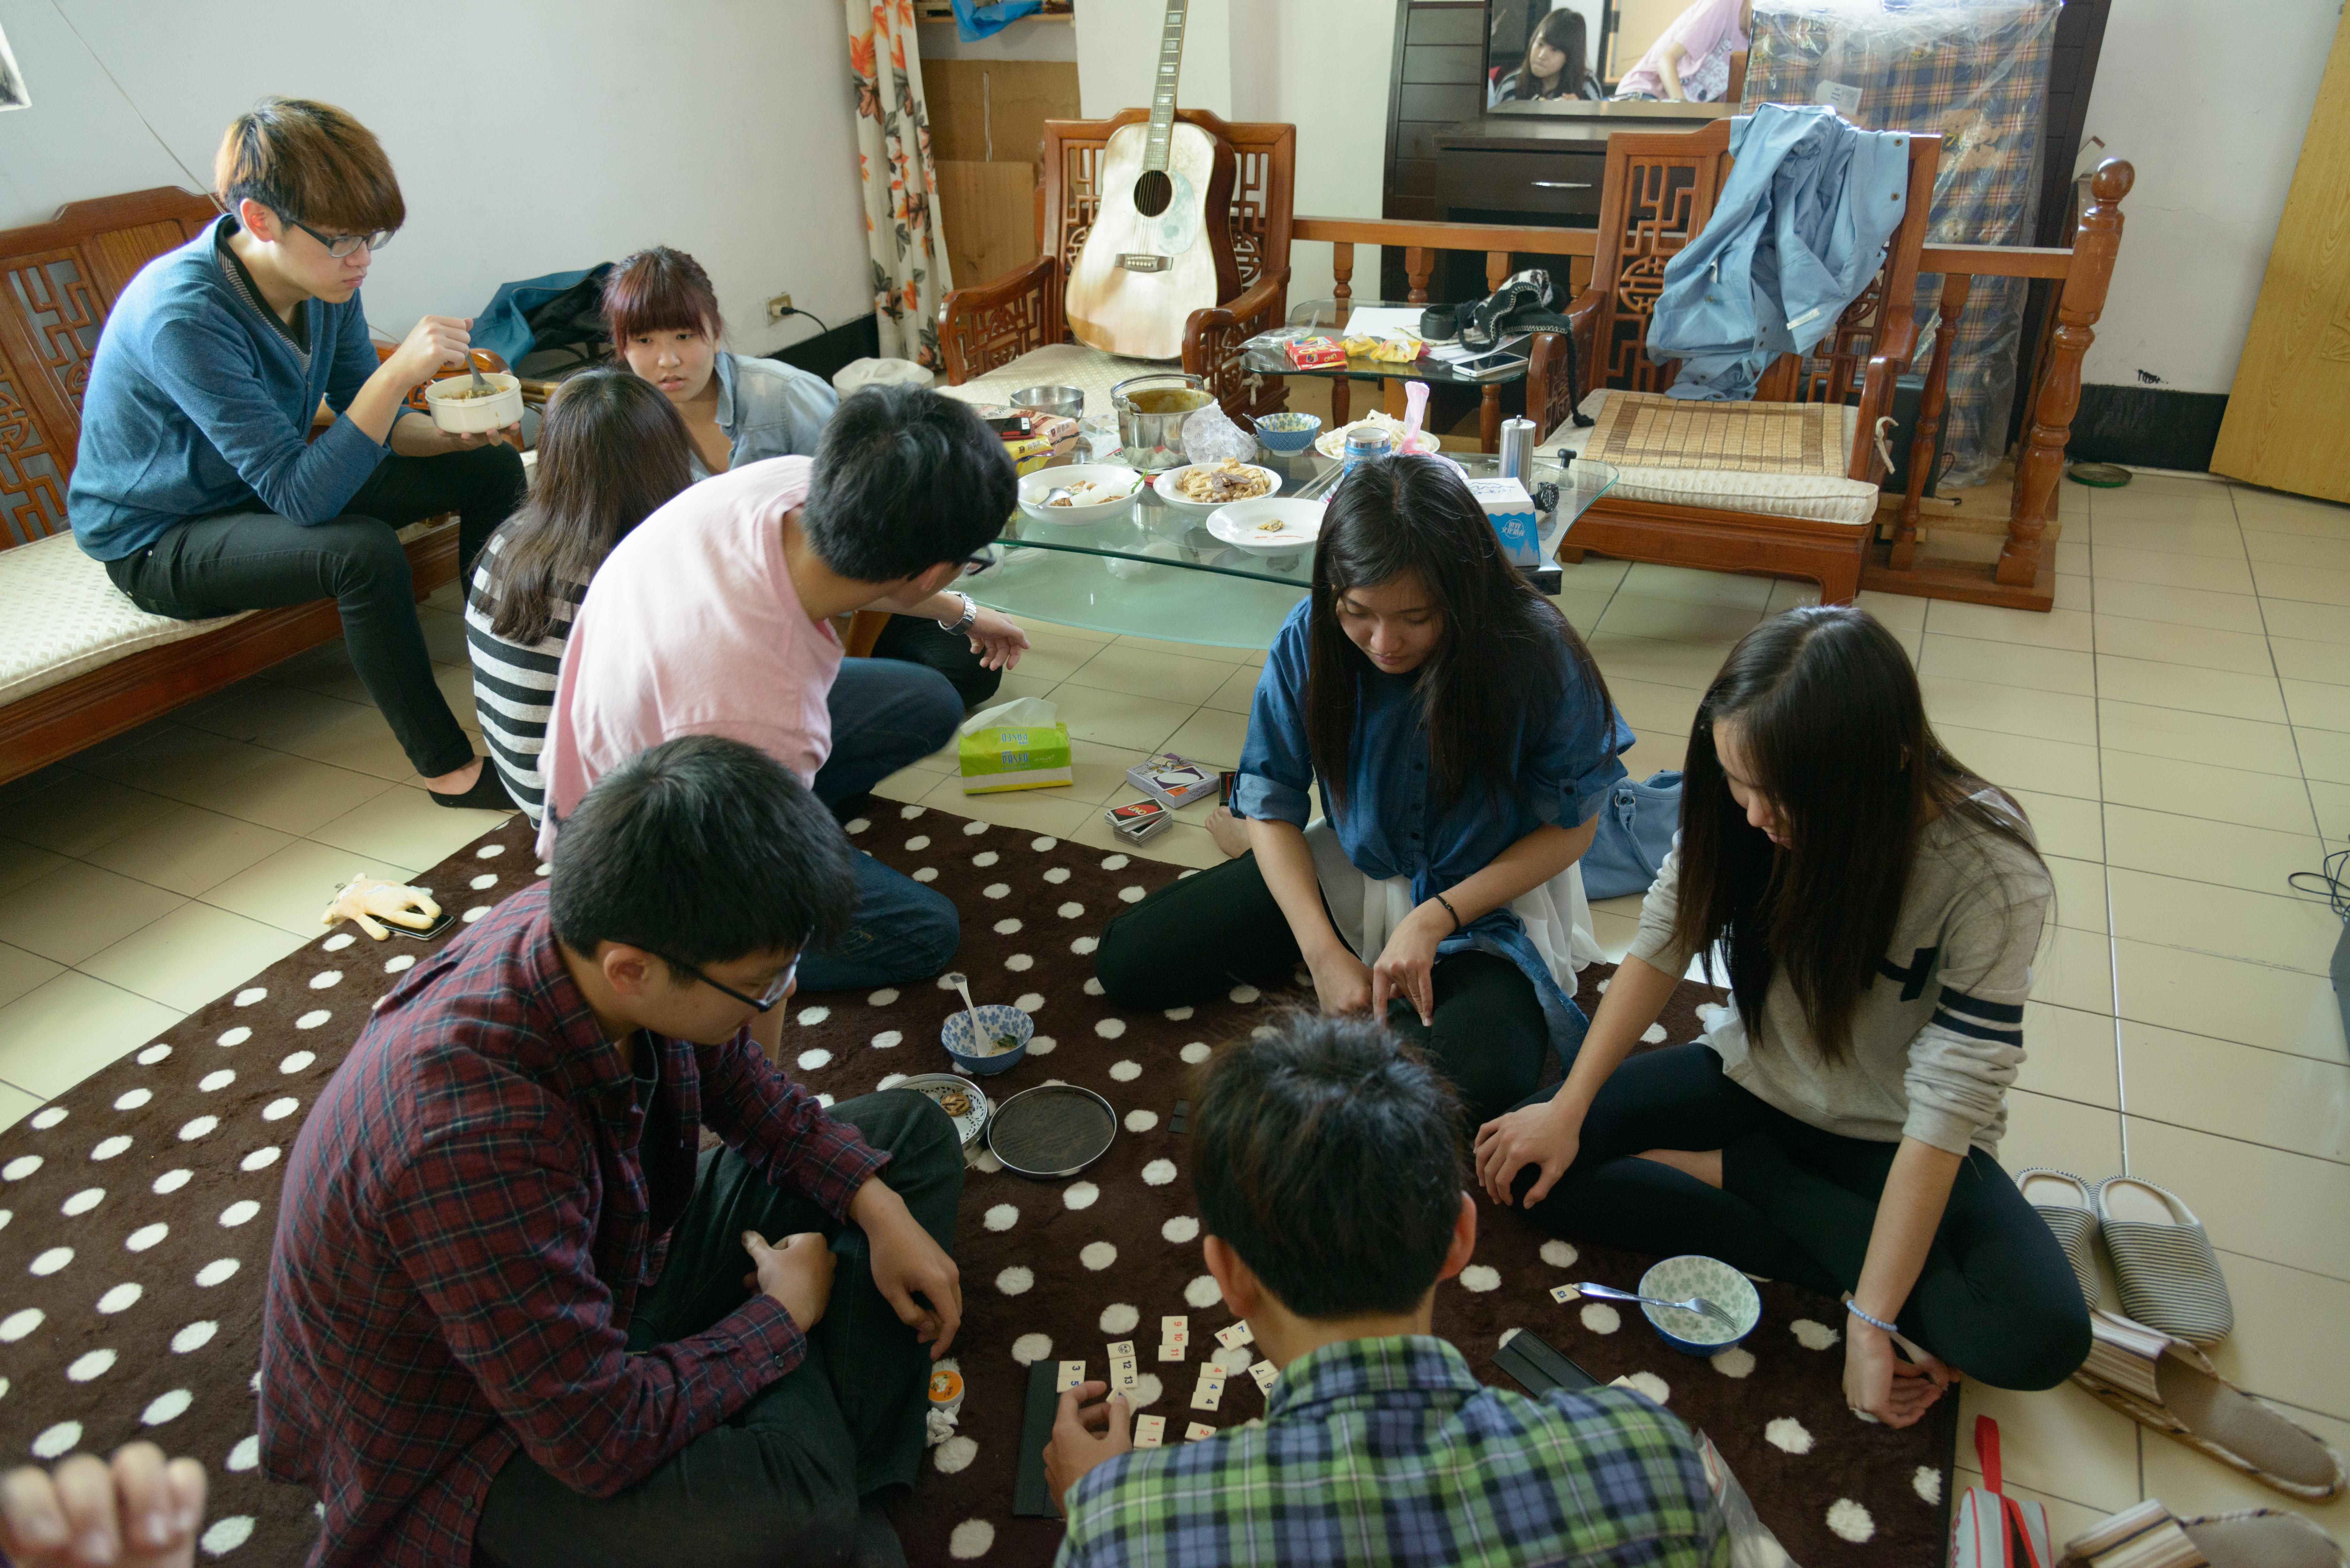 大三的王同學、劉同學和鄭同學要聚在朋友家玩桌遊跨年。(示意圖)圖片提供/邱昱勳